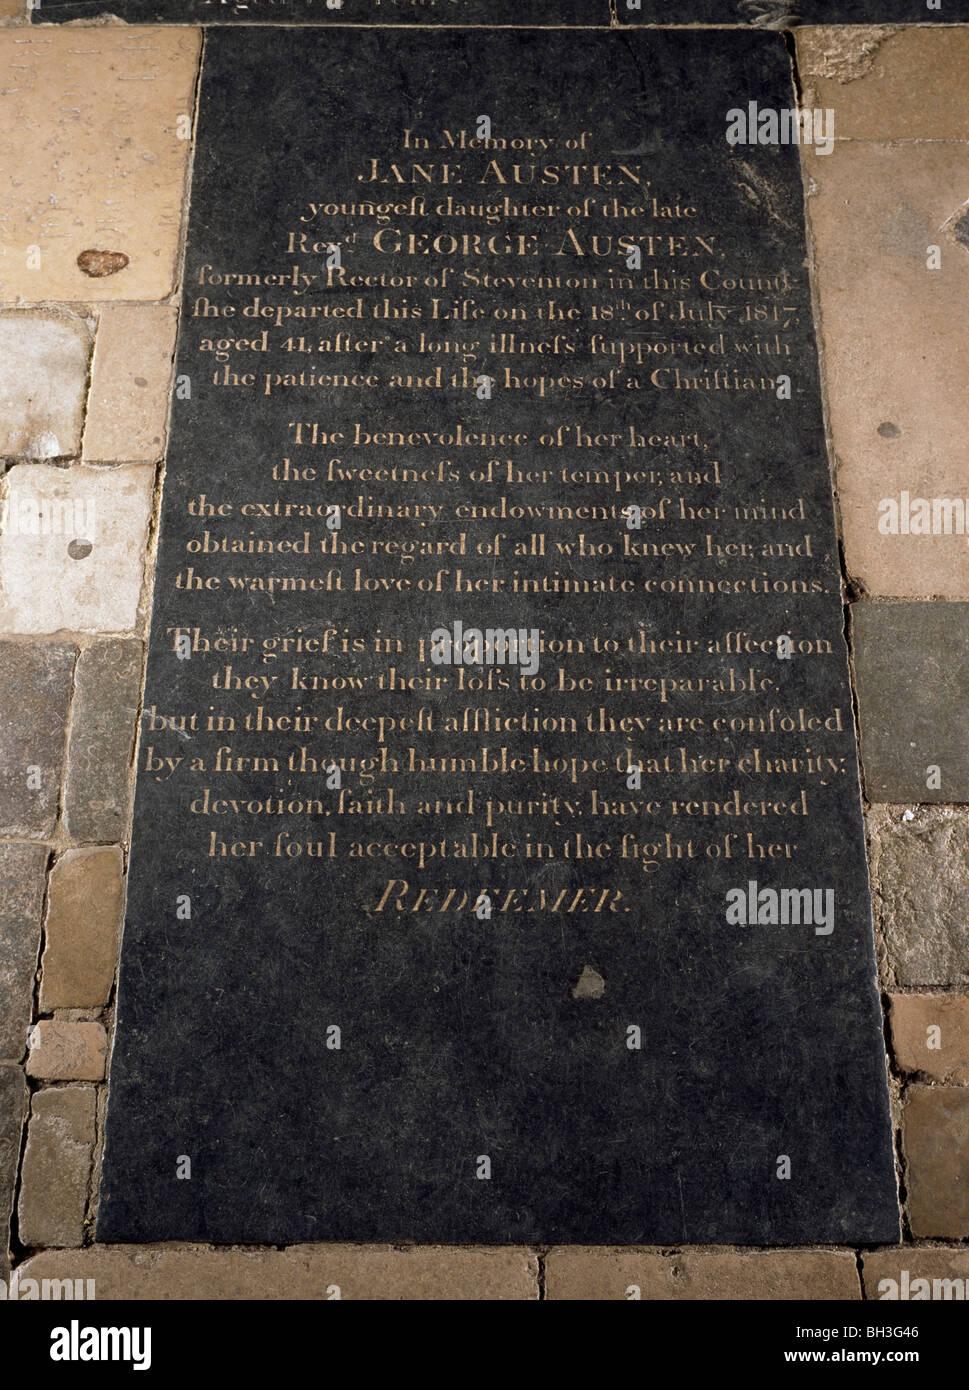 La Catedral de Winchester, Hampshire, Inglaterra. Lápida de Jane Austen, en la nave. Inscripción alaba Imagen De Stock